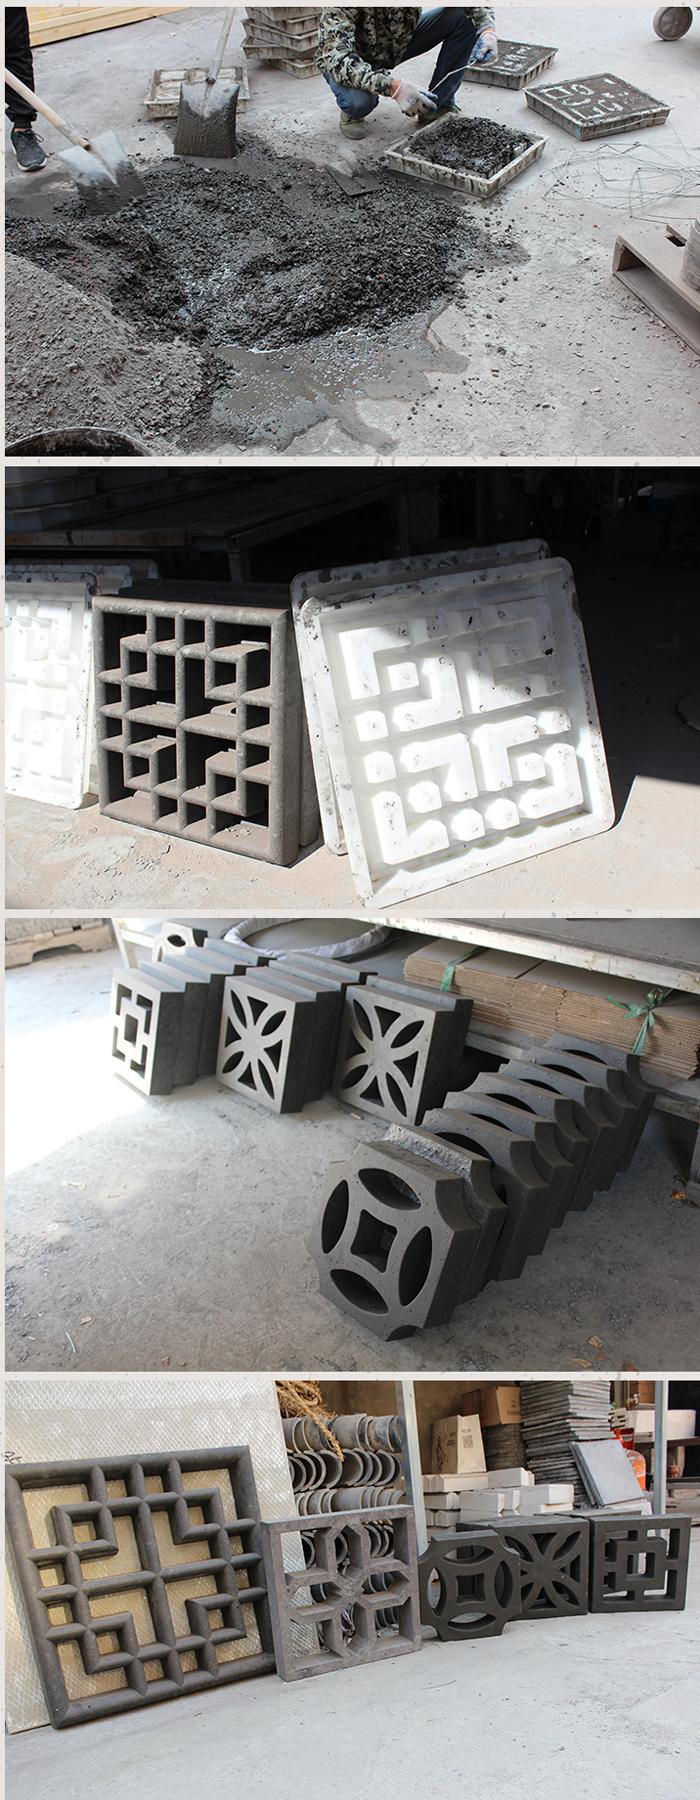 Cetakan Plastik Blok Beton Cetakan untuk Dekorasi Dinding Taman Cetakan Blok Angin